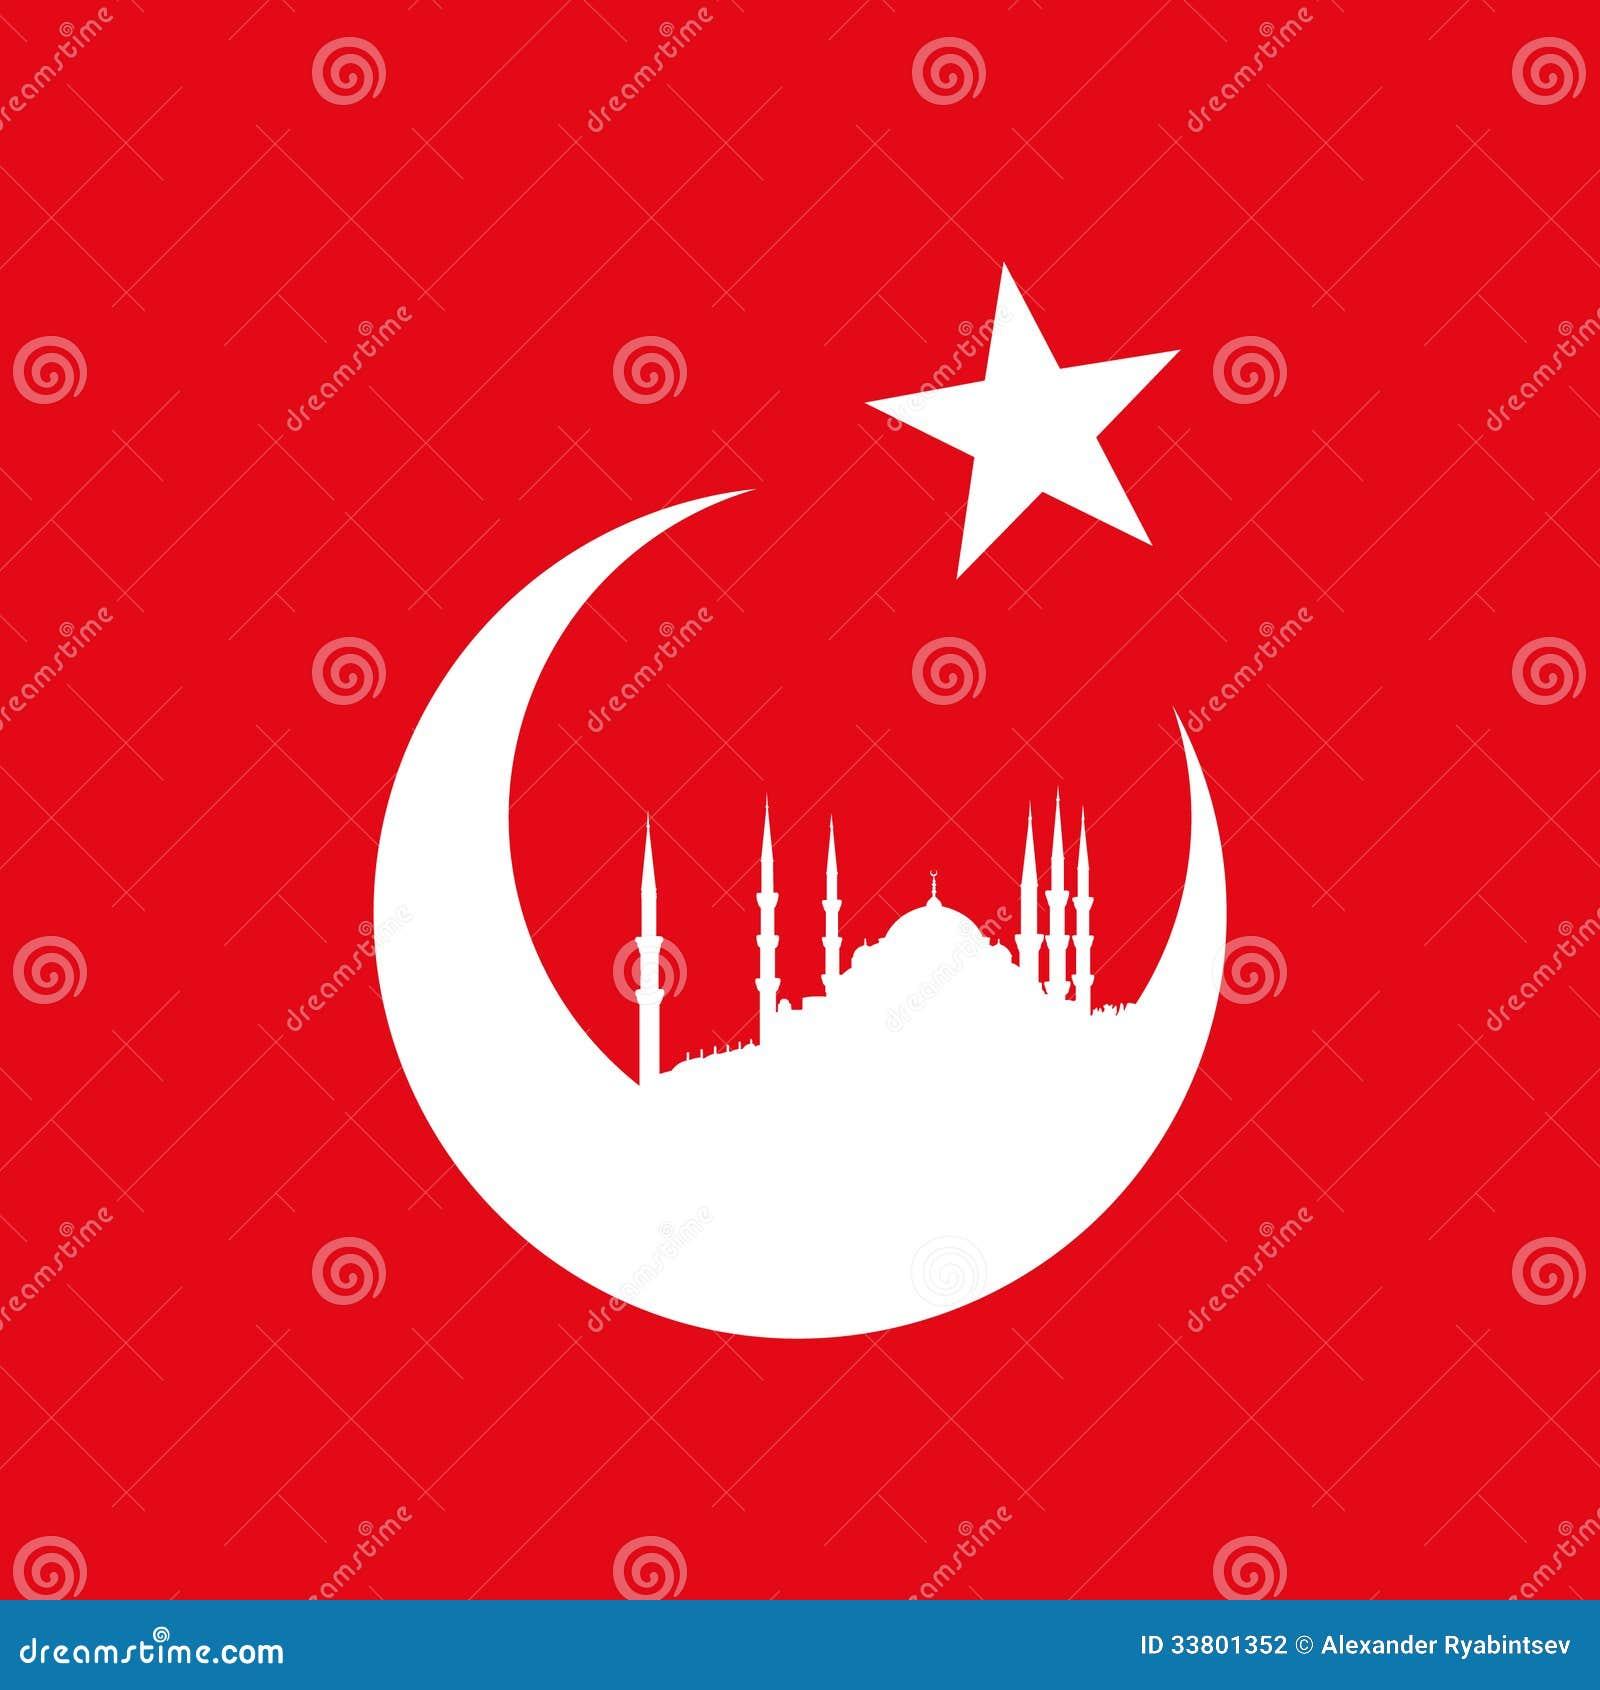 Die Türkei-Symbol Mit Blauer Moschee Vektor Abbildung - Illustration ...